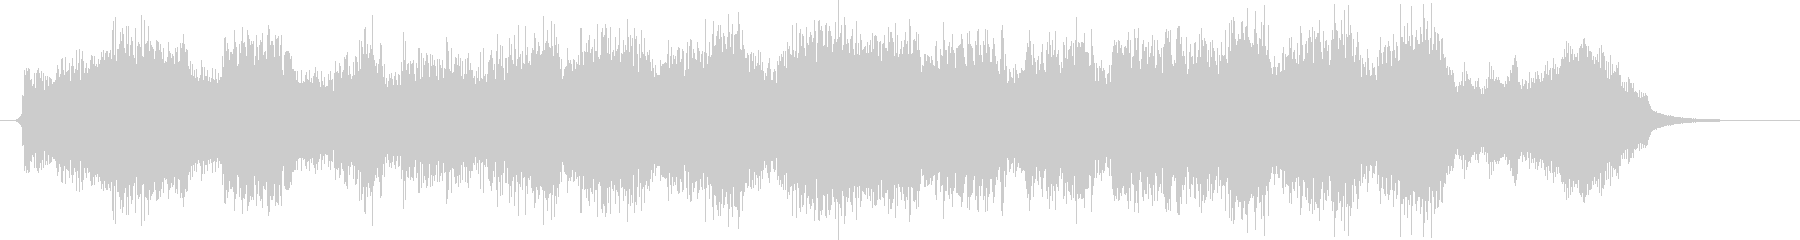 CMや映像、ピアノ、ストリングス、15秒の未再生の波形